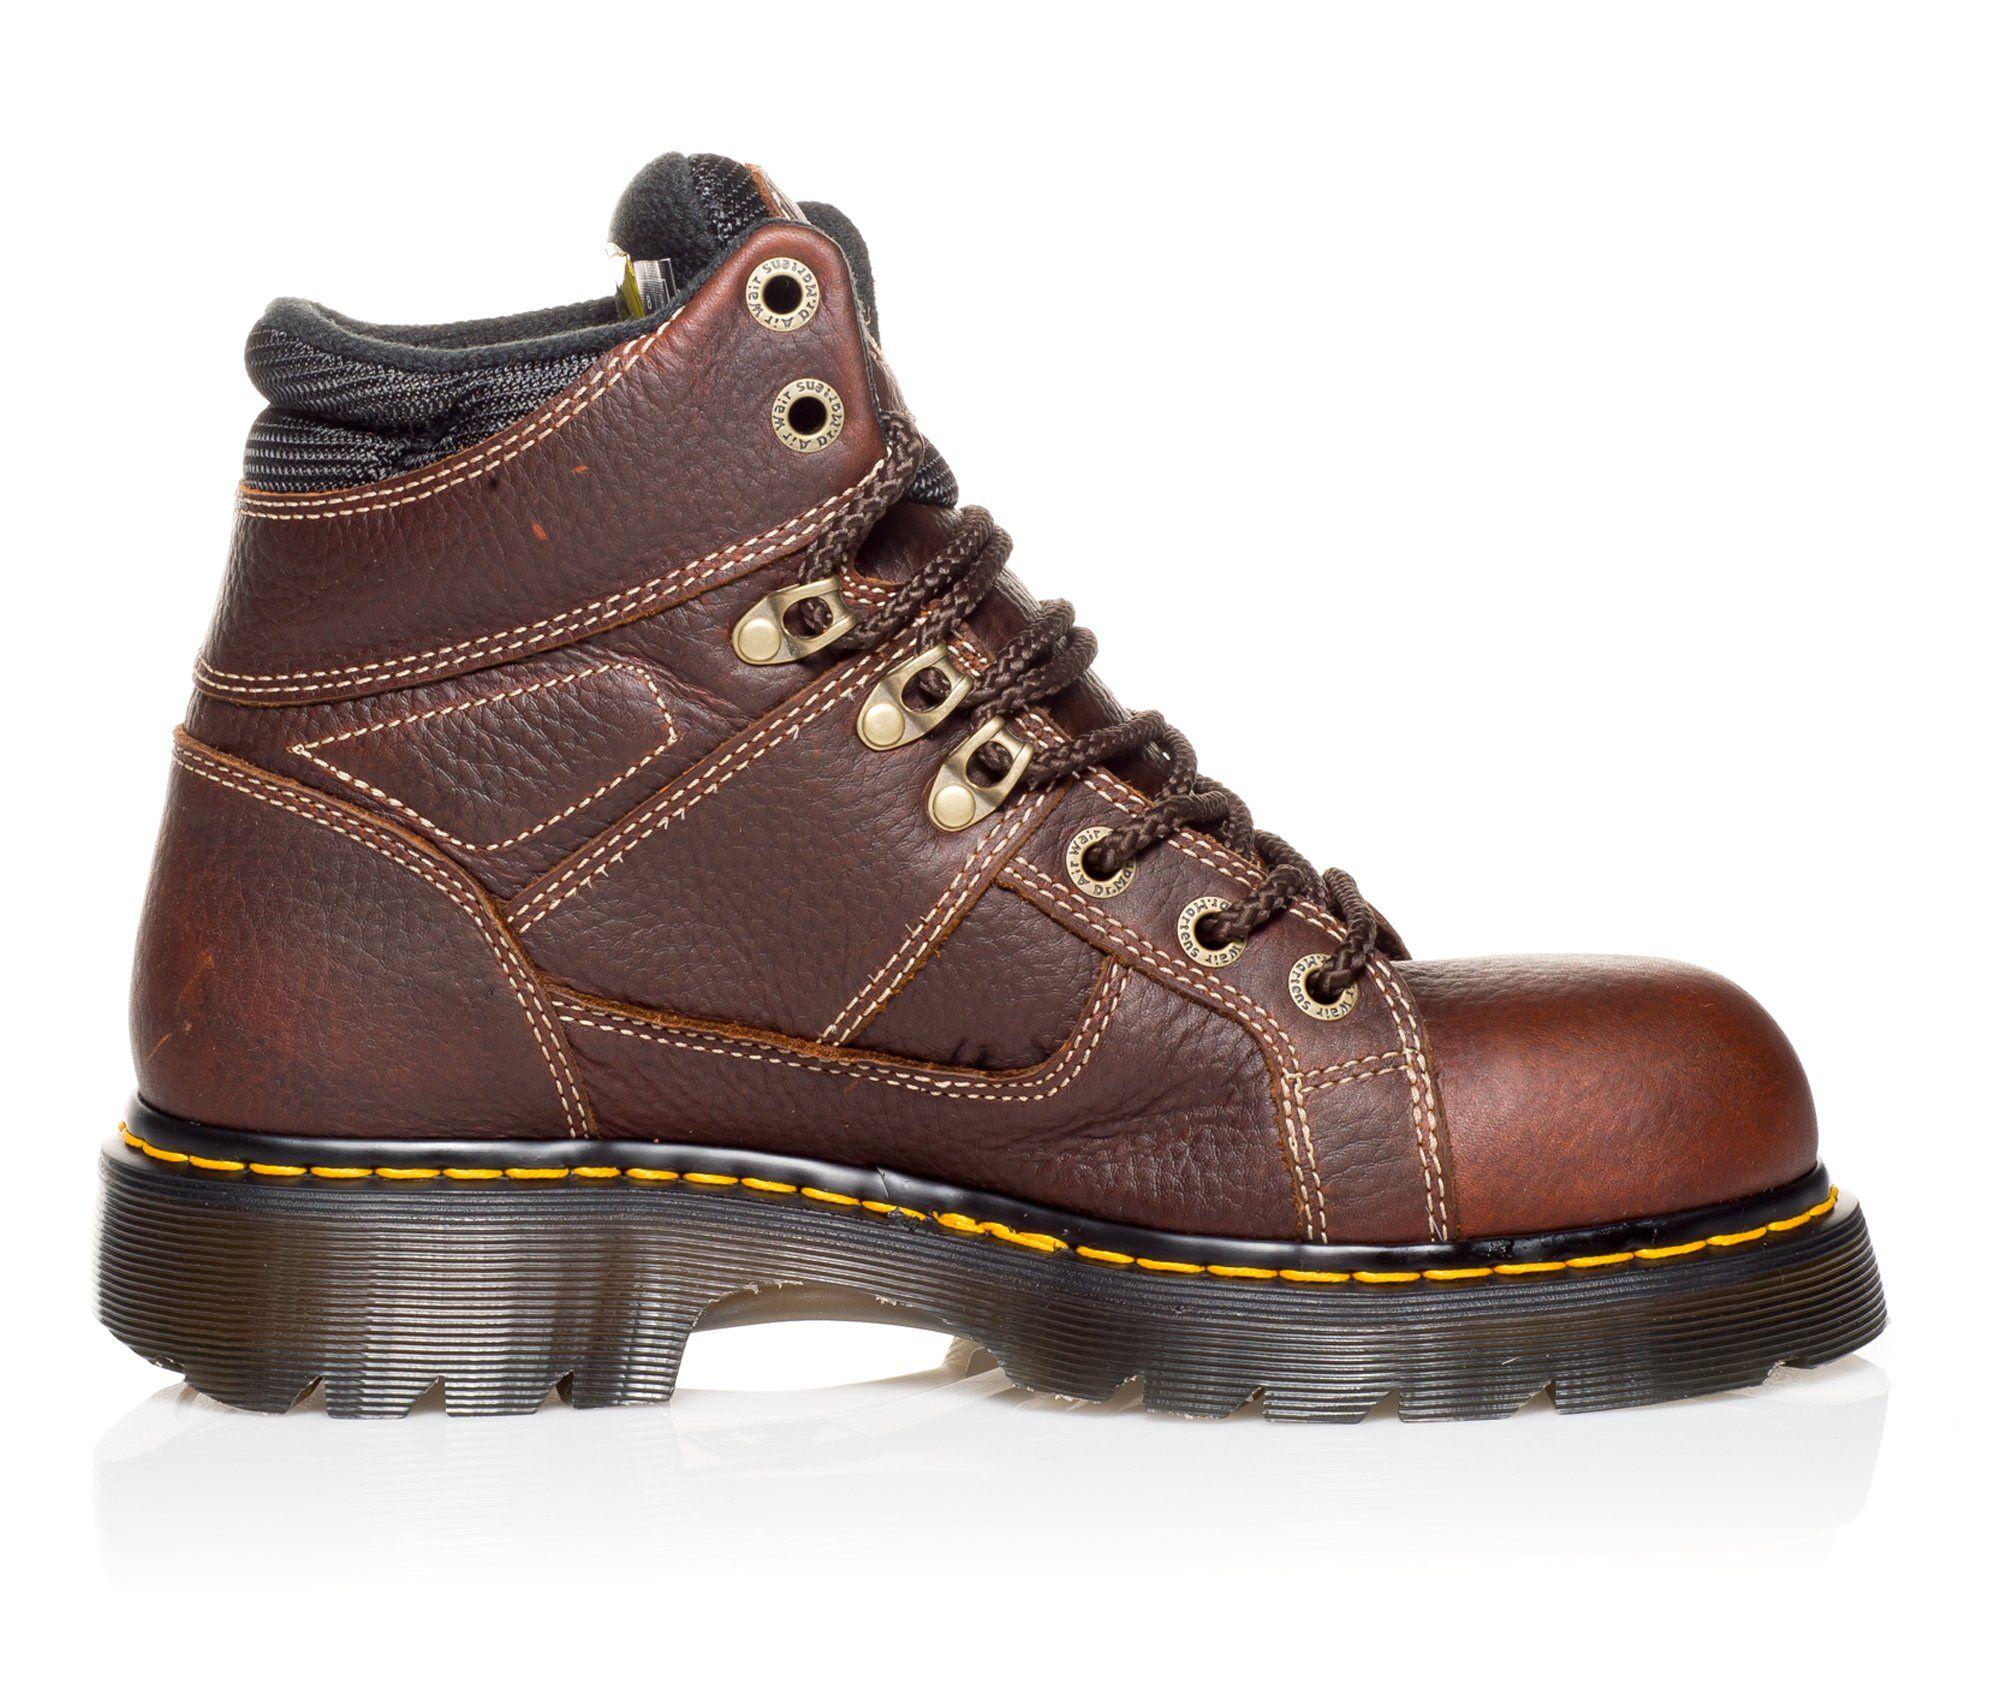 Dr. Martens Industrial Ironbridge 6 In Steel Toe Men's Boots (Brown Leather)